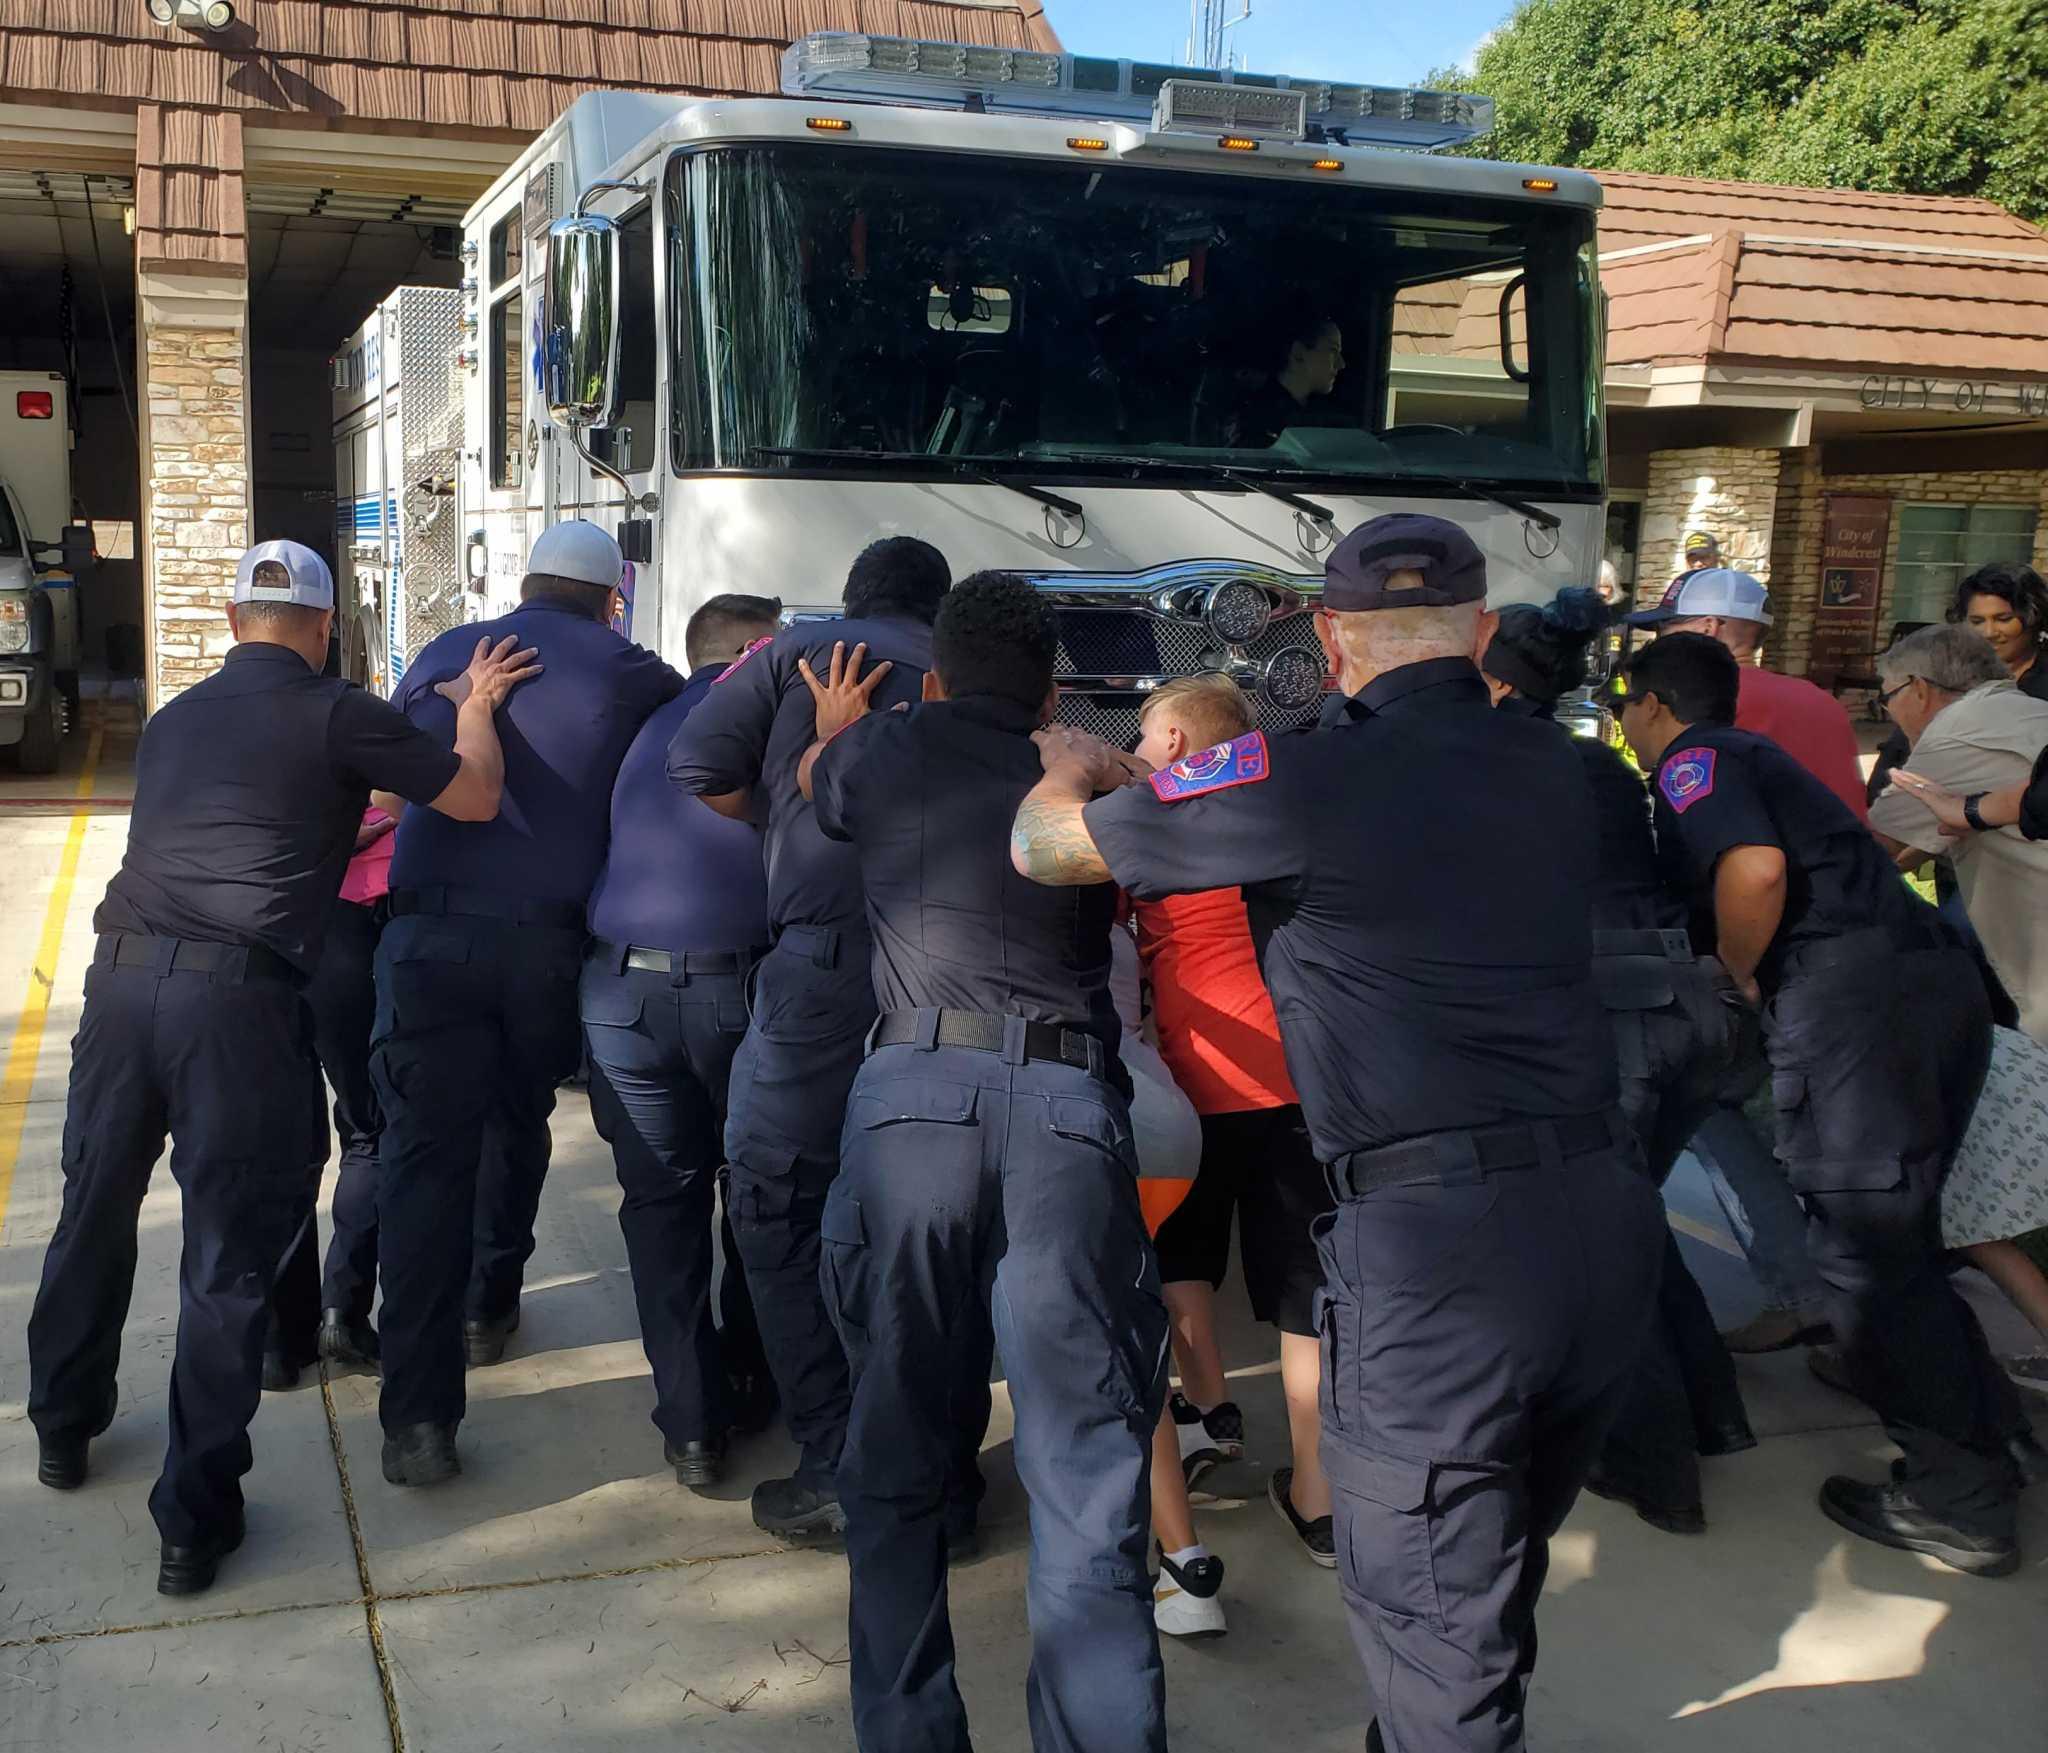 Kepala pemadam kebakaran mengumumkan keberangkatan saat kota merayakan peralatan baru